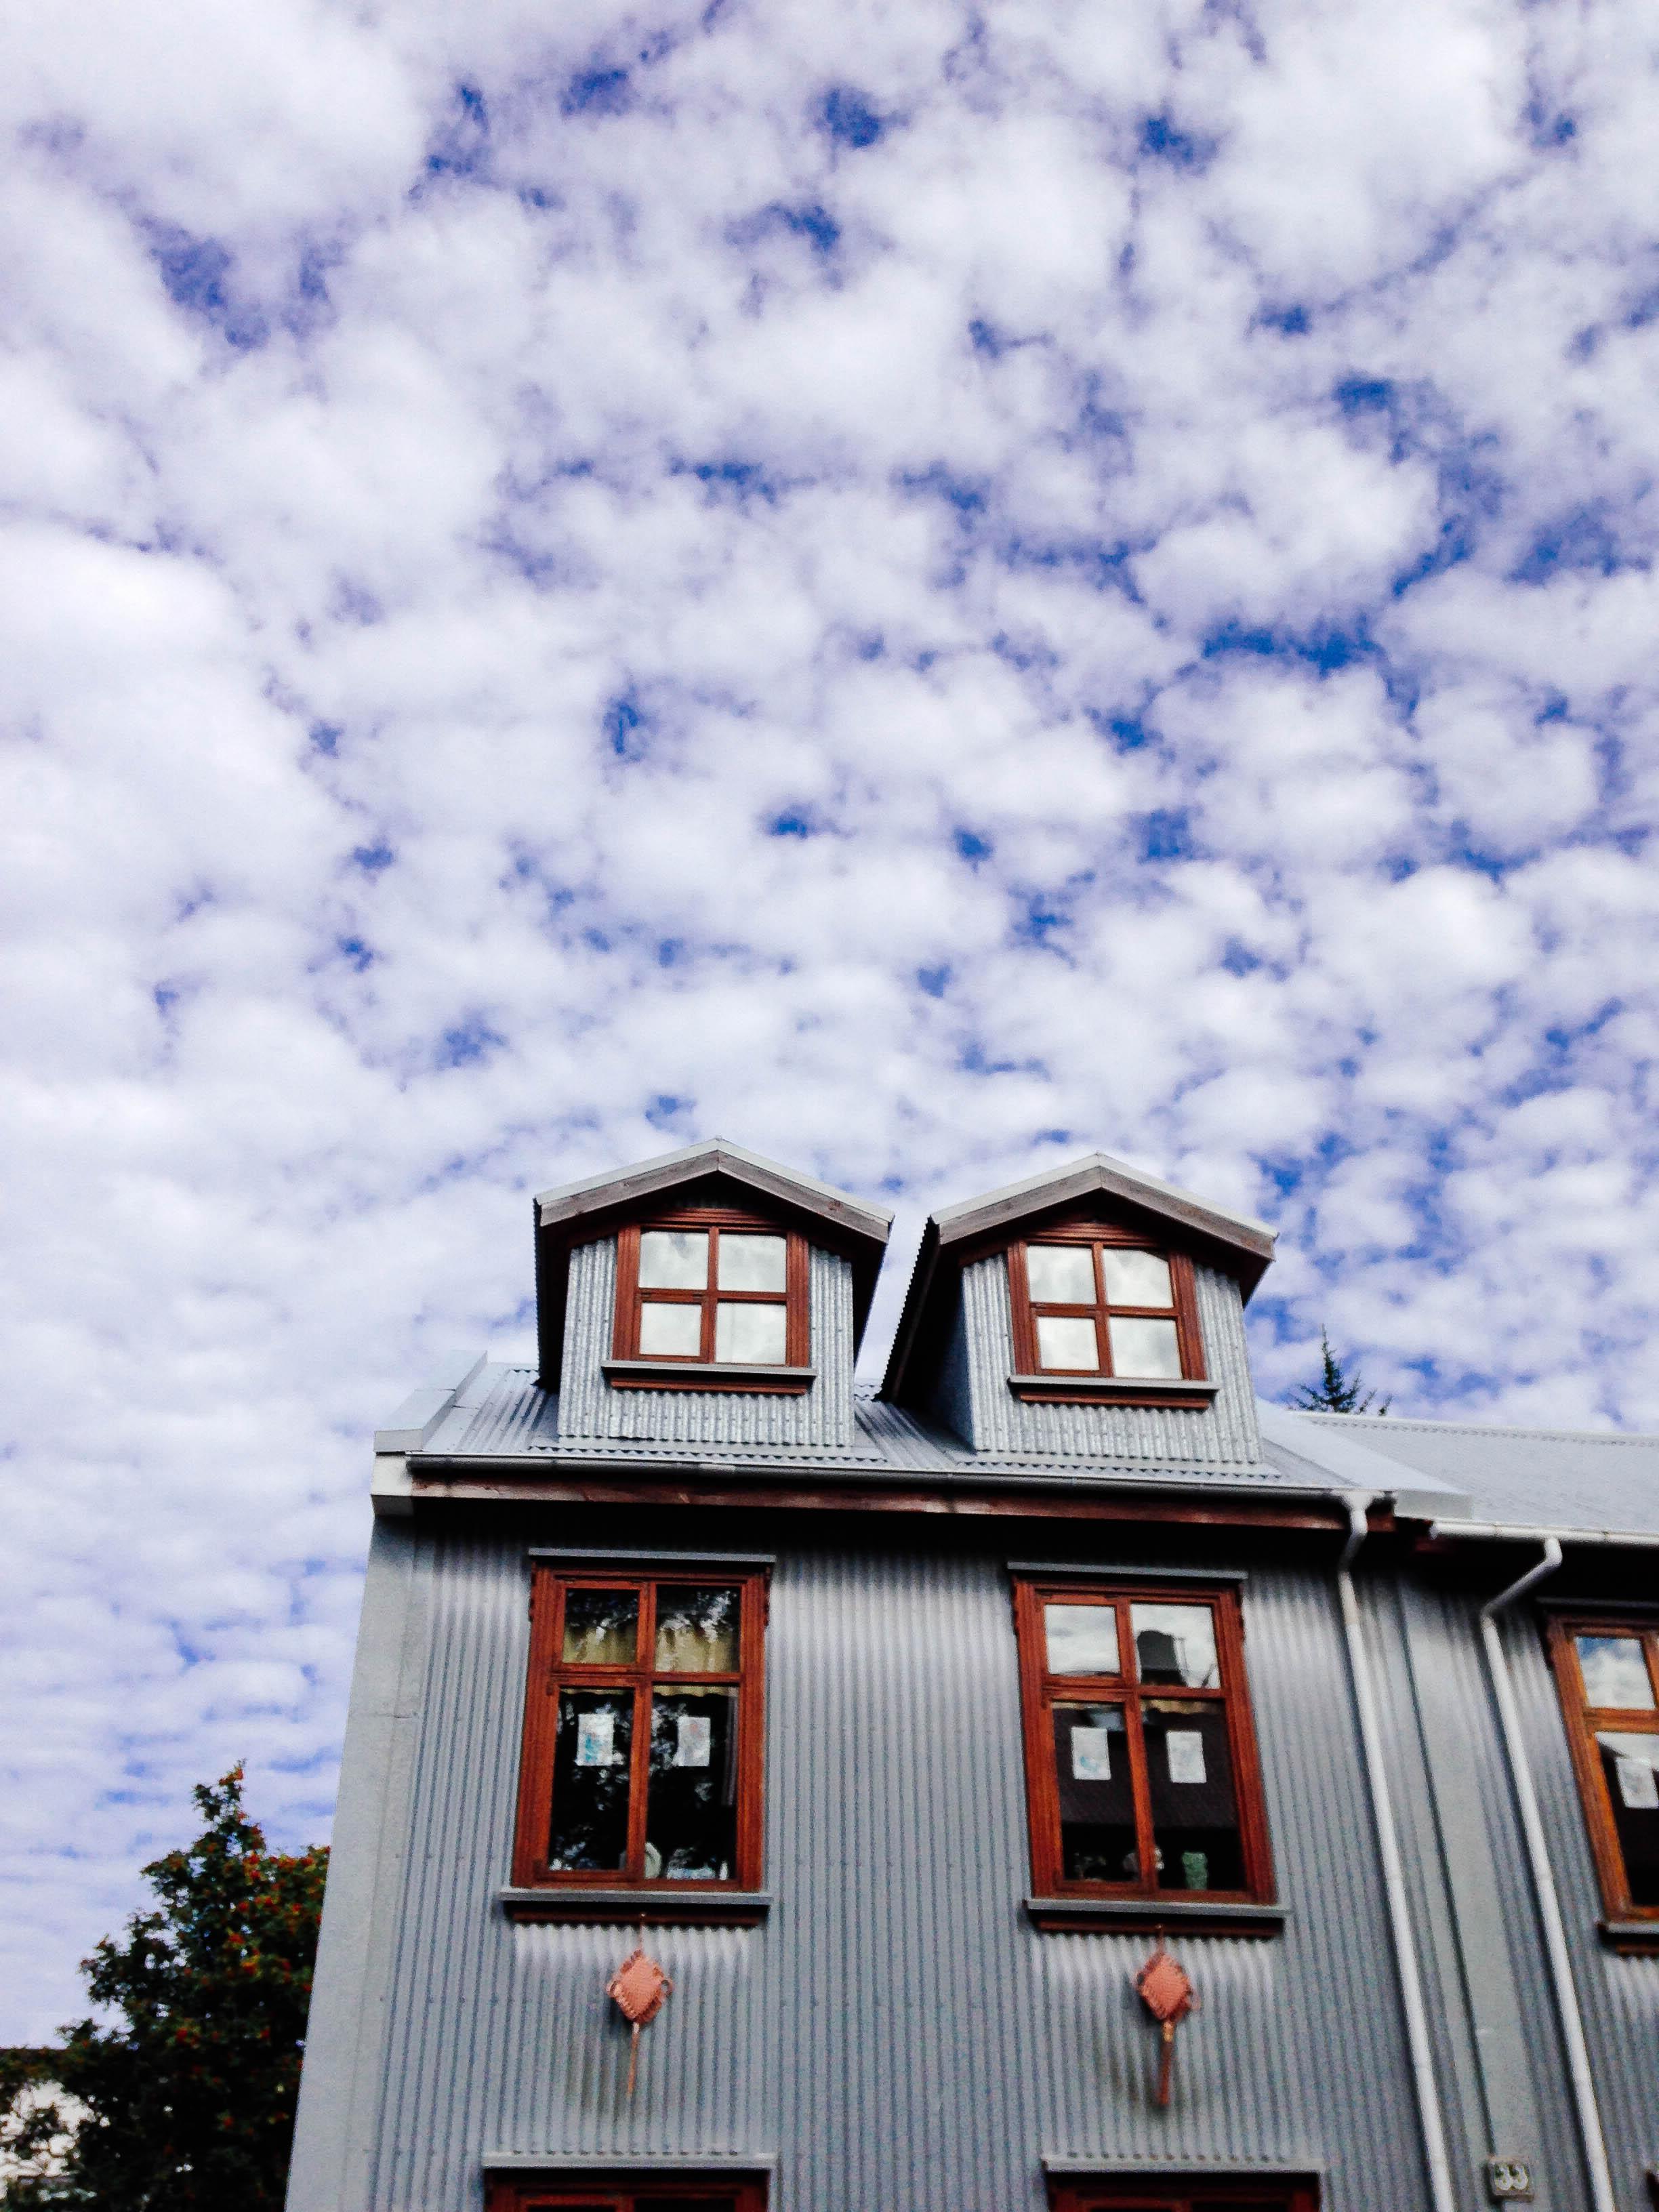 Reykjavik-Iceland-8007.jpg